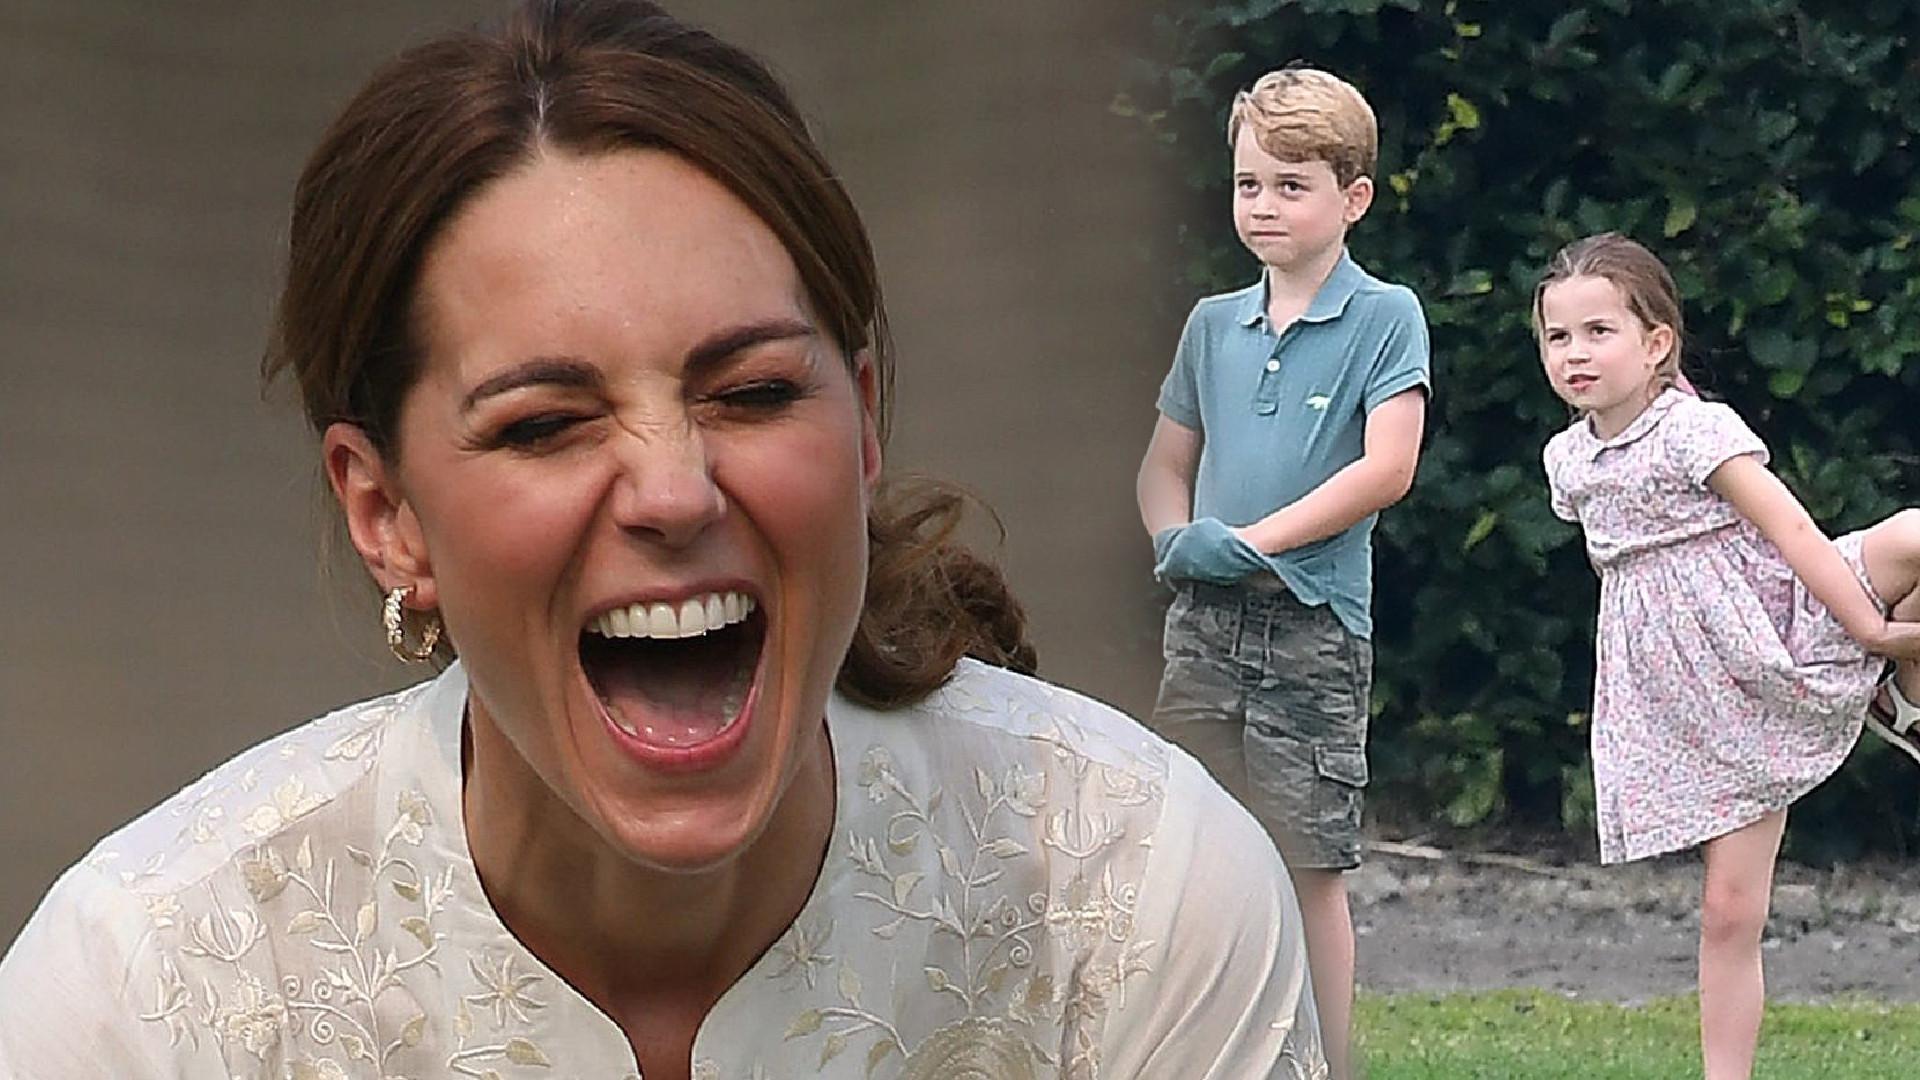 Dlaczego księżna Kate tak ubiera swoje dzieci?